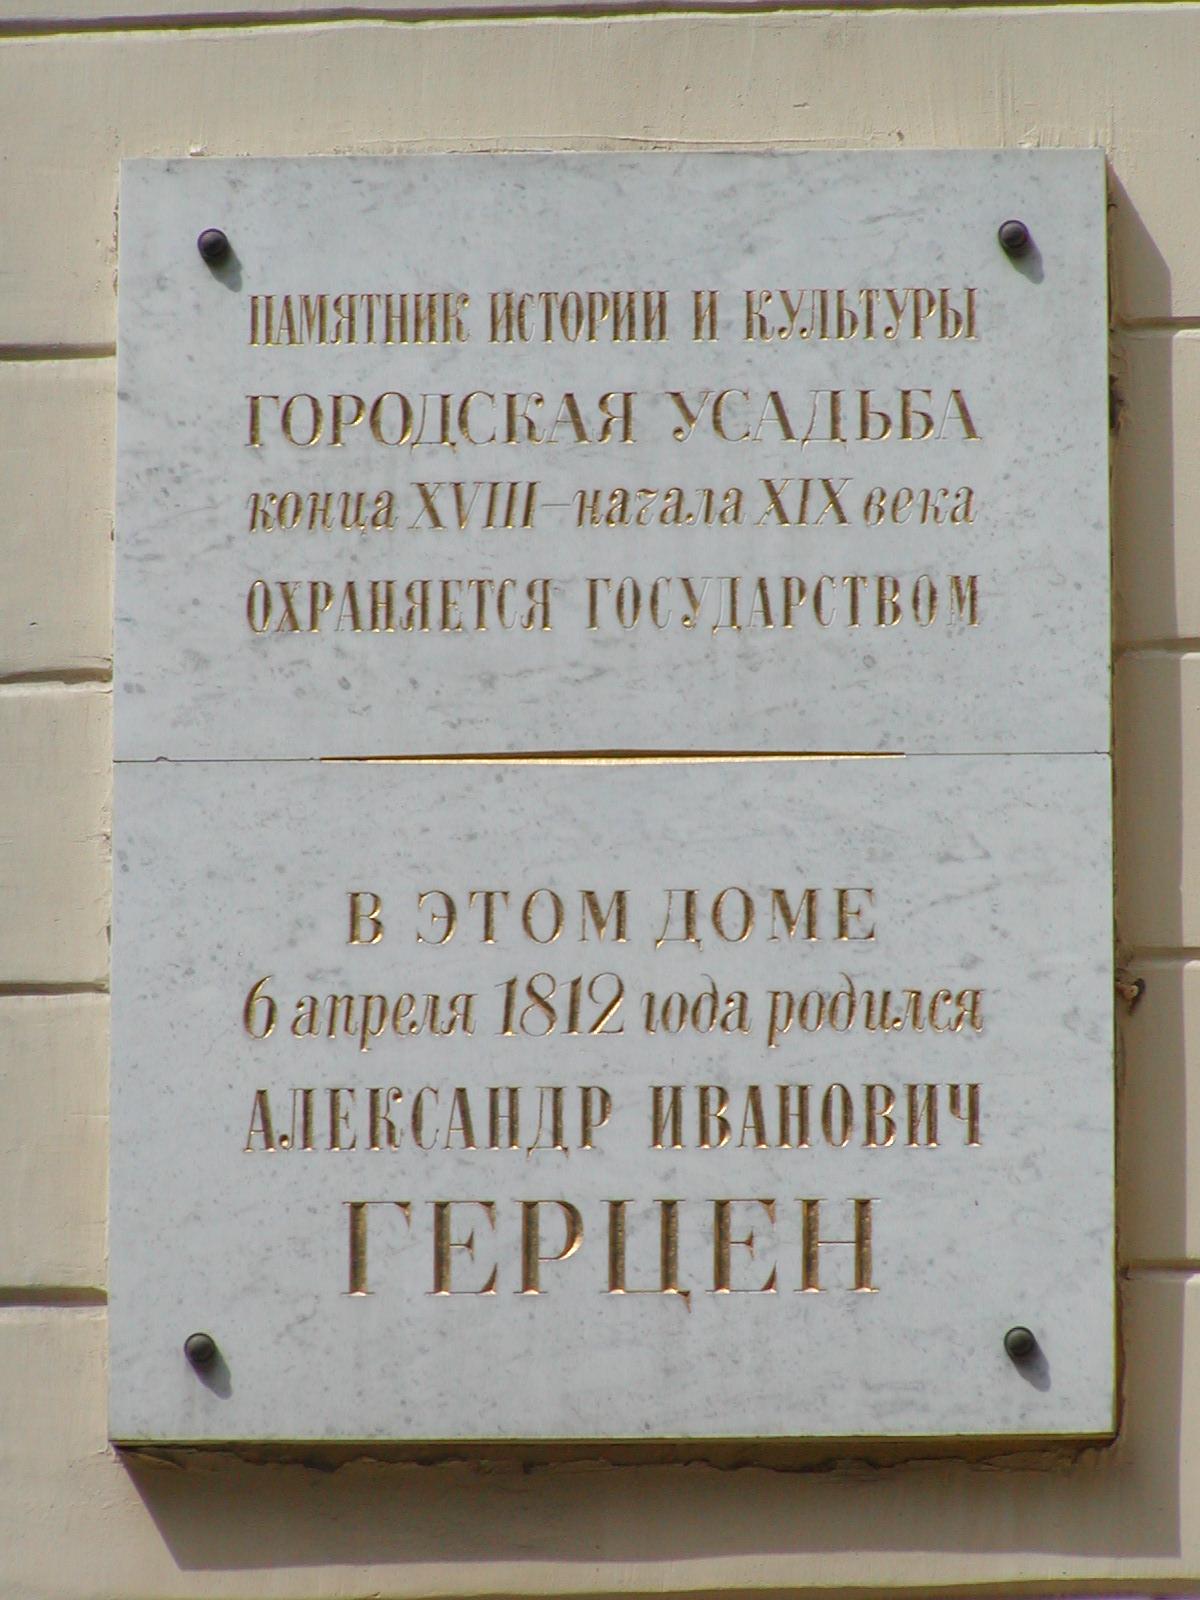 Мемориальная доска Александру Герцену в Литературном институте.JPG